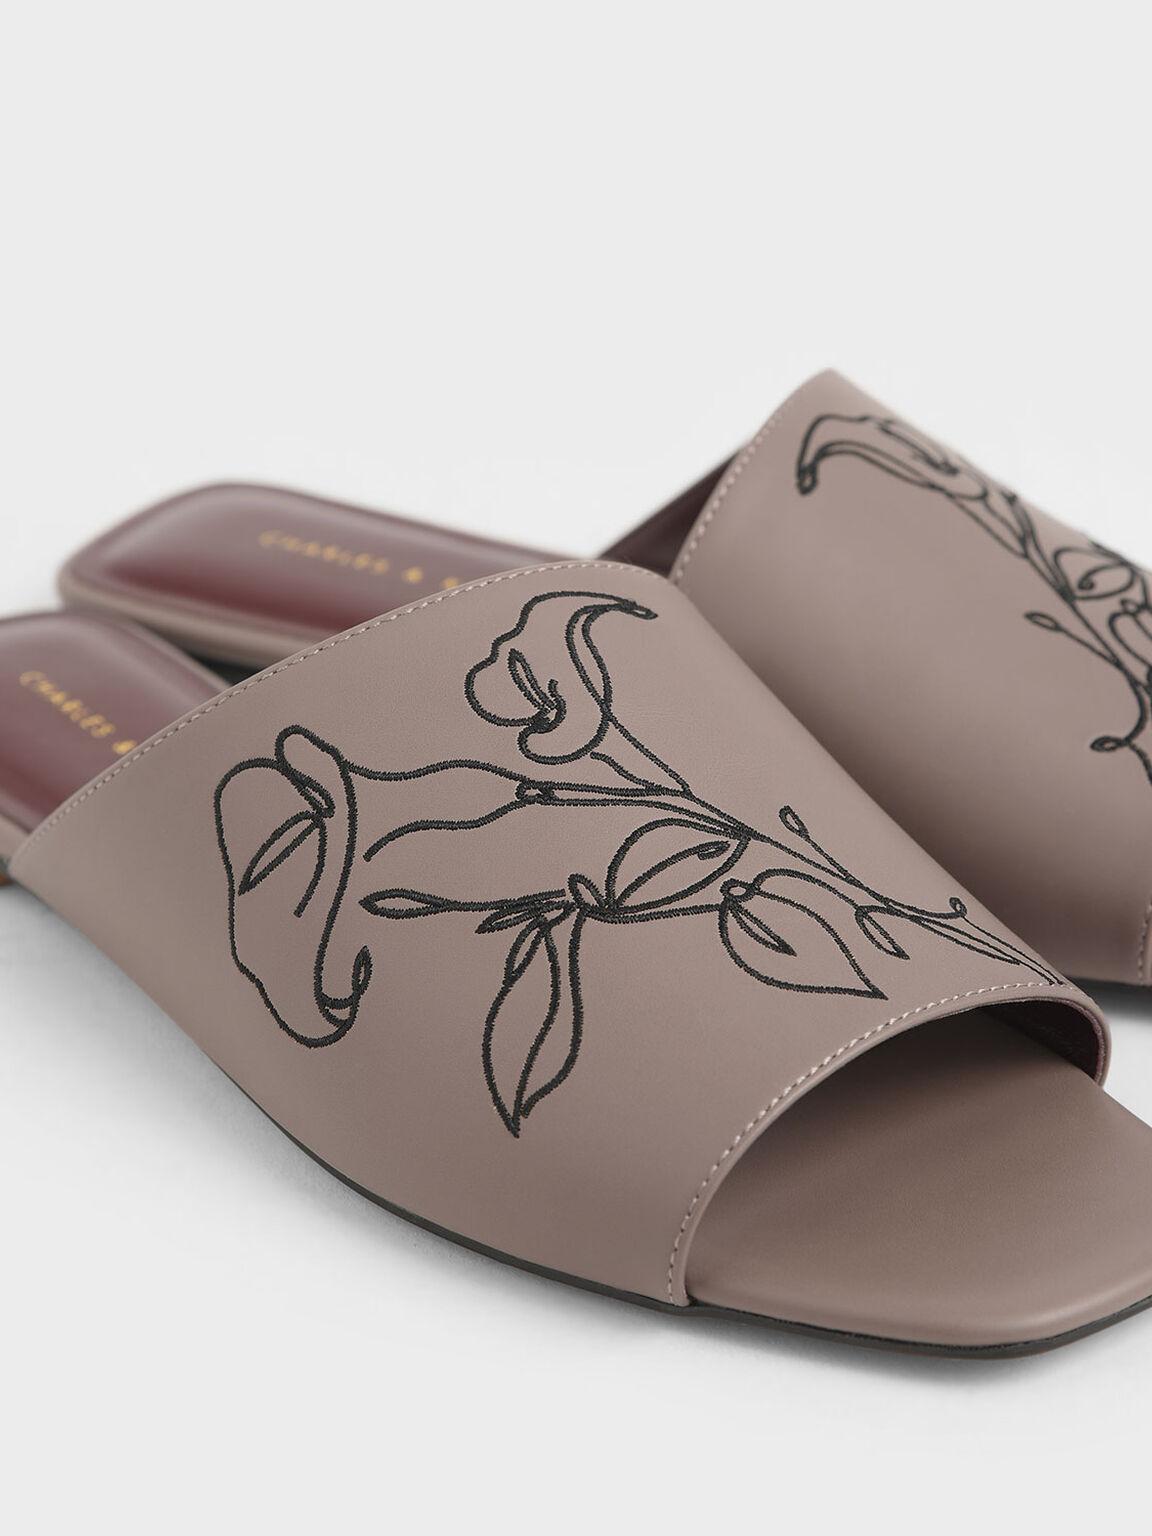 Floral Embroidered Slide Sandals, Mauve, hi-res